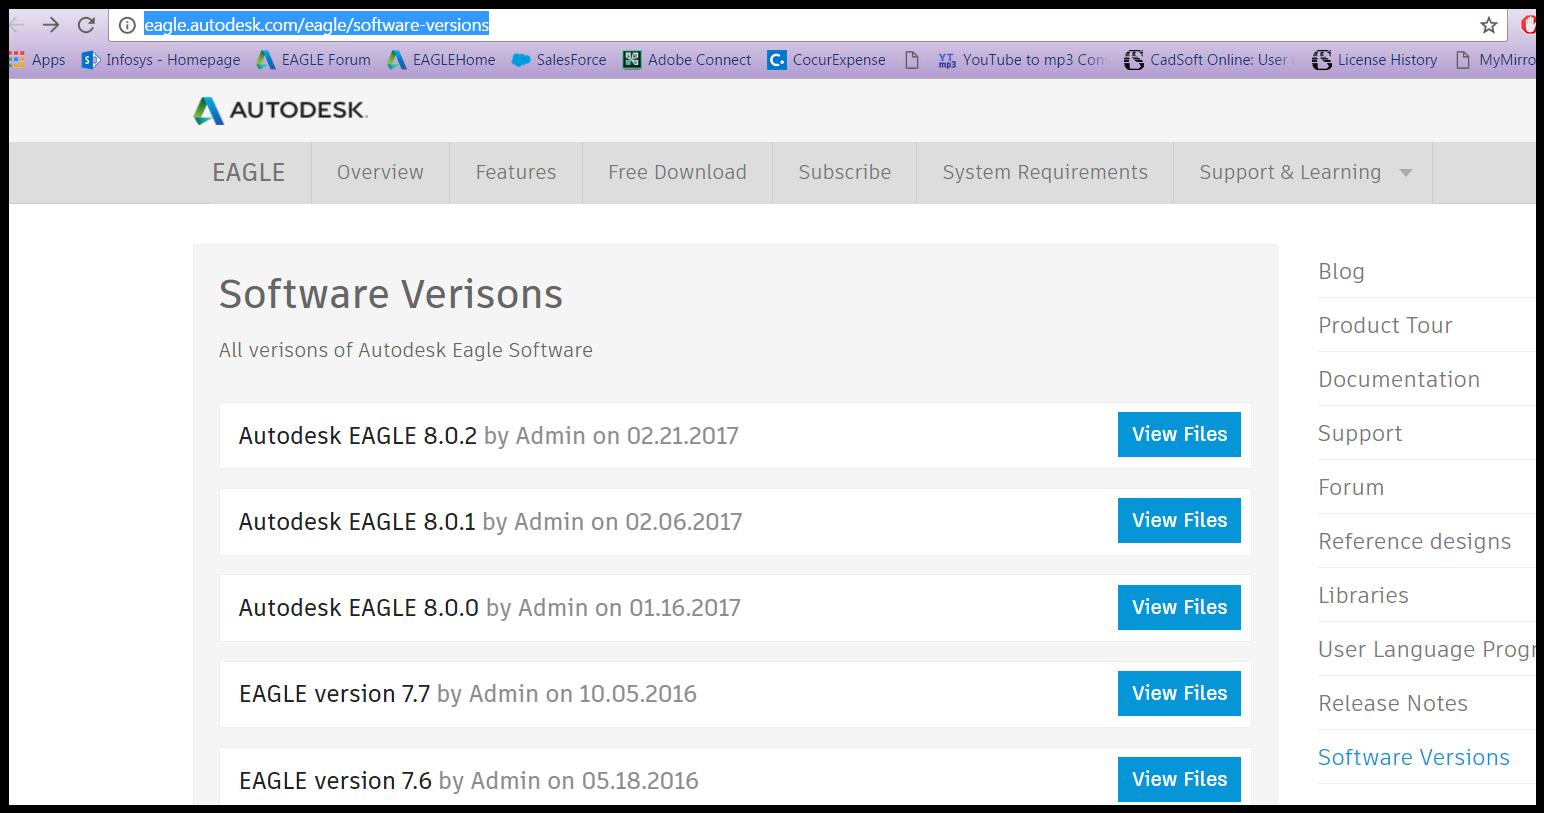 eagle cadsoft 7.7 download